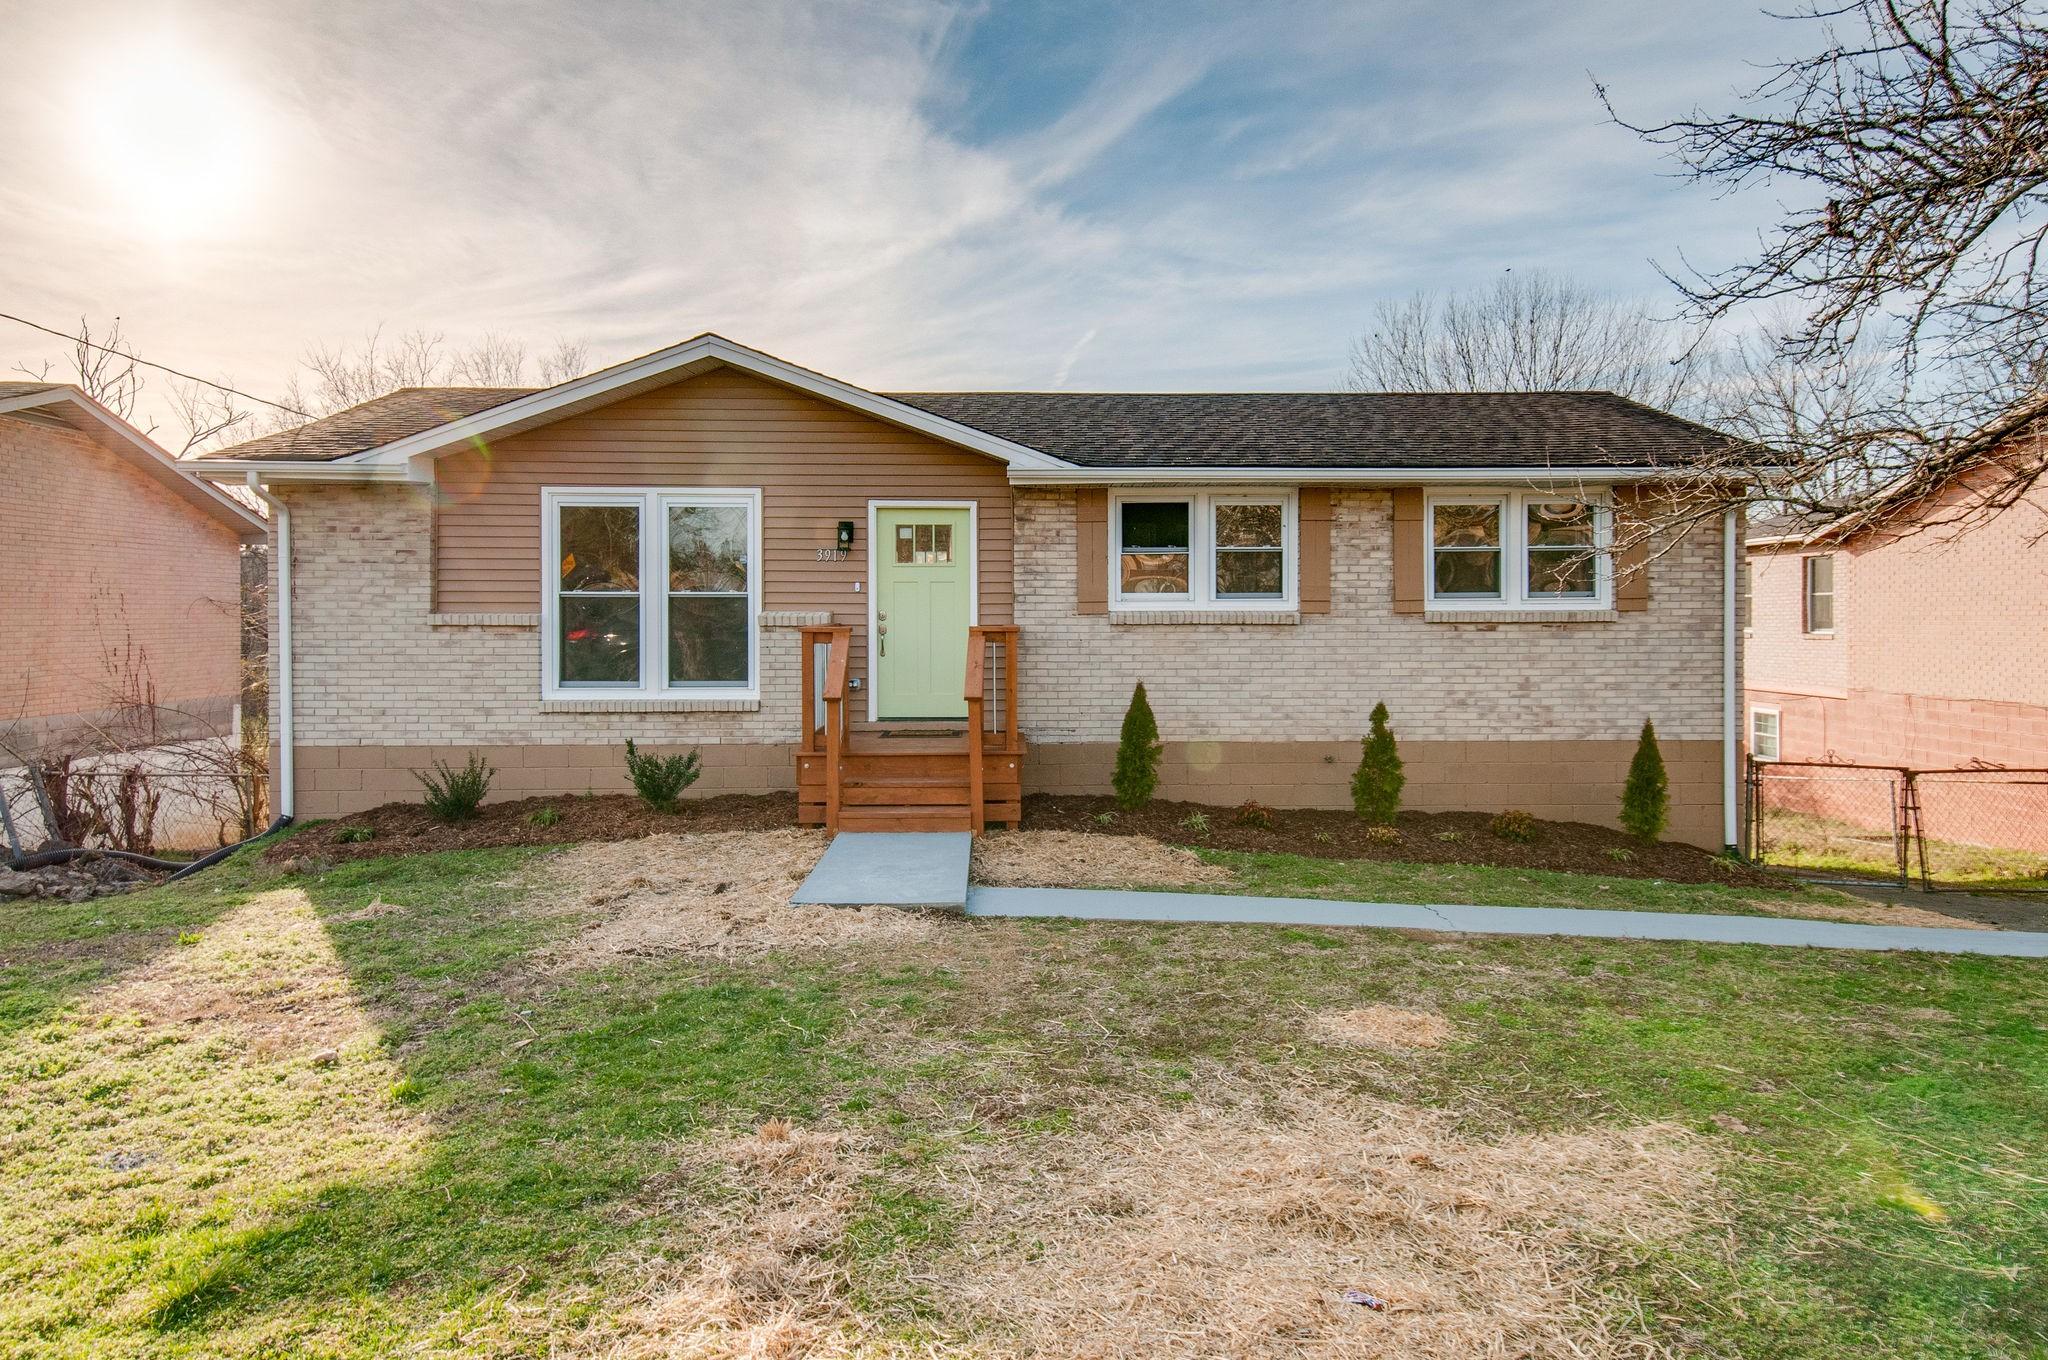 3919 Crouch Dr, Nashville, TN 37207 - Nashville, TN real estate listing